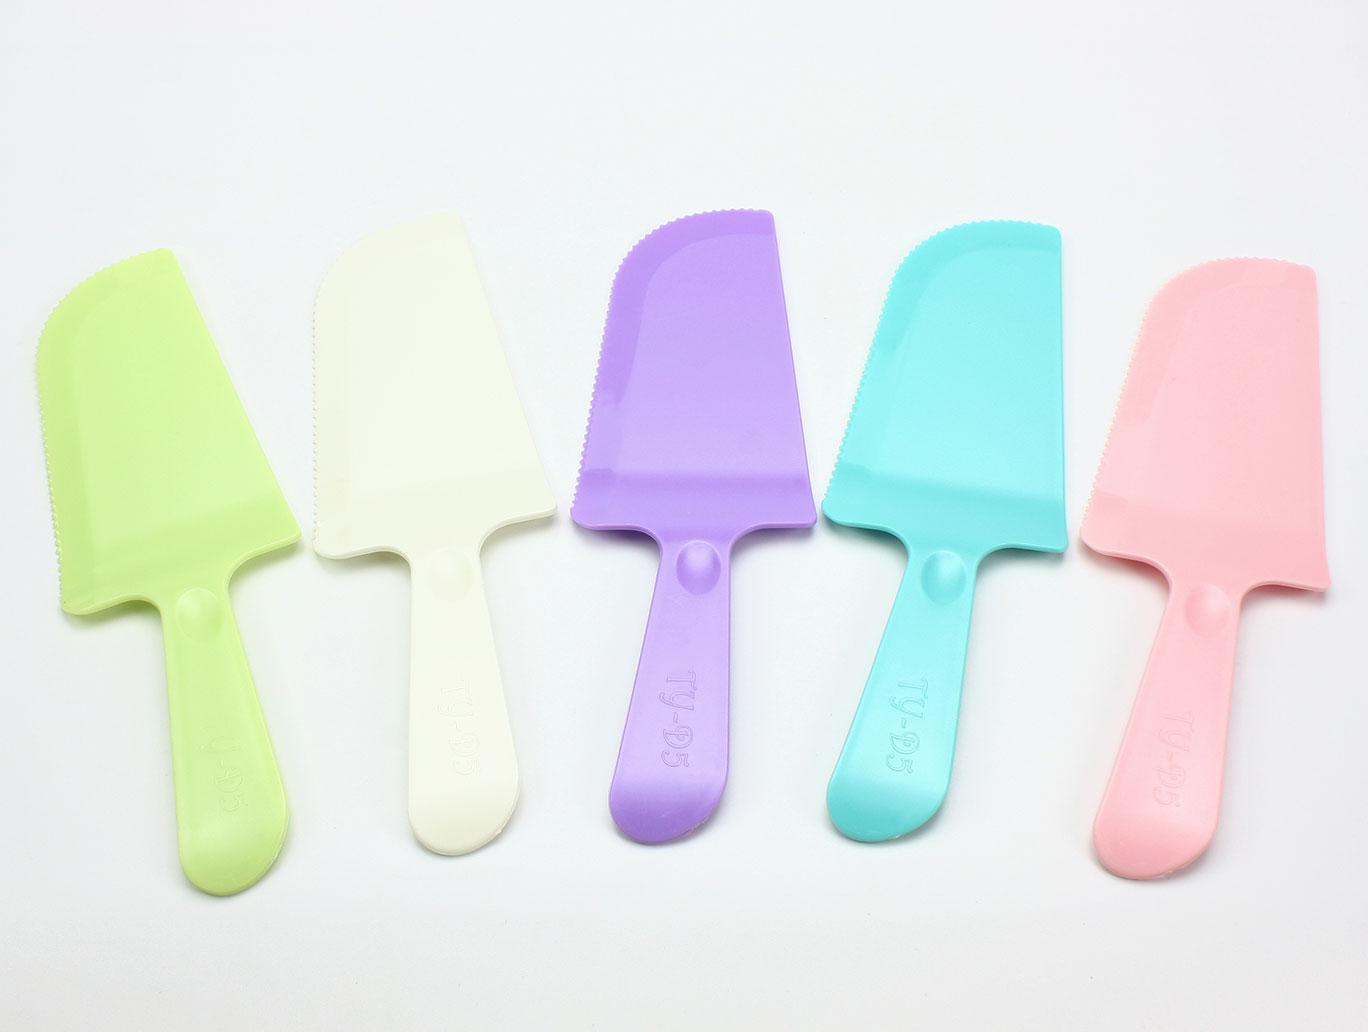 蛋糕刀、水果刀、塑膠刀、鋸齒刀、生日蛋糕刀、派對蛋糕、彩色蛋糕刀(1支)